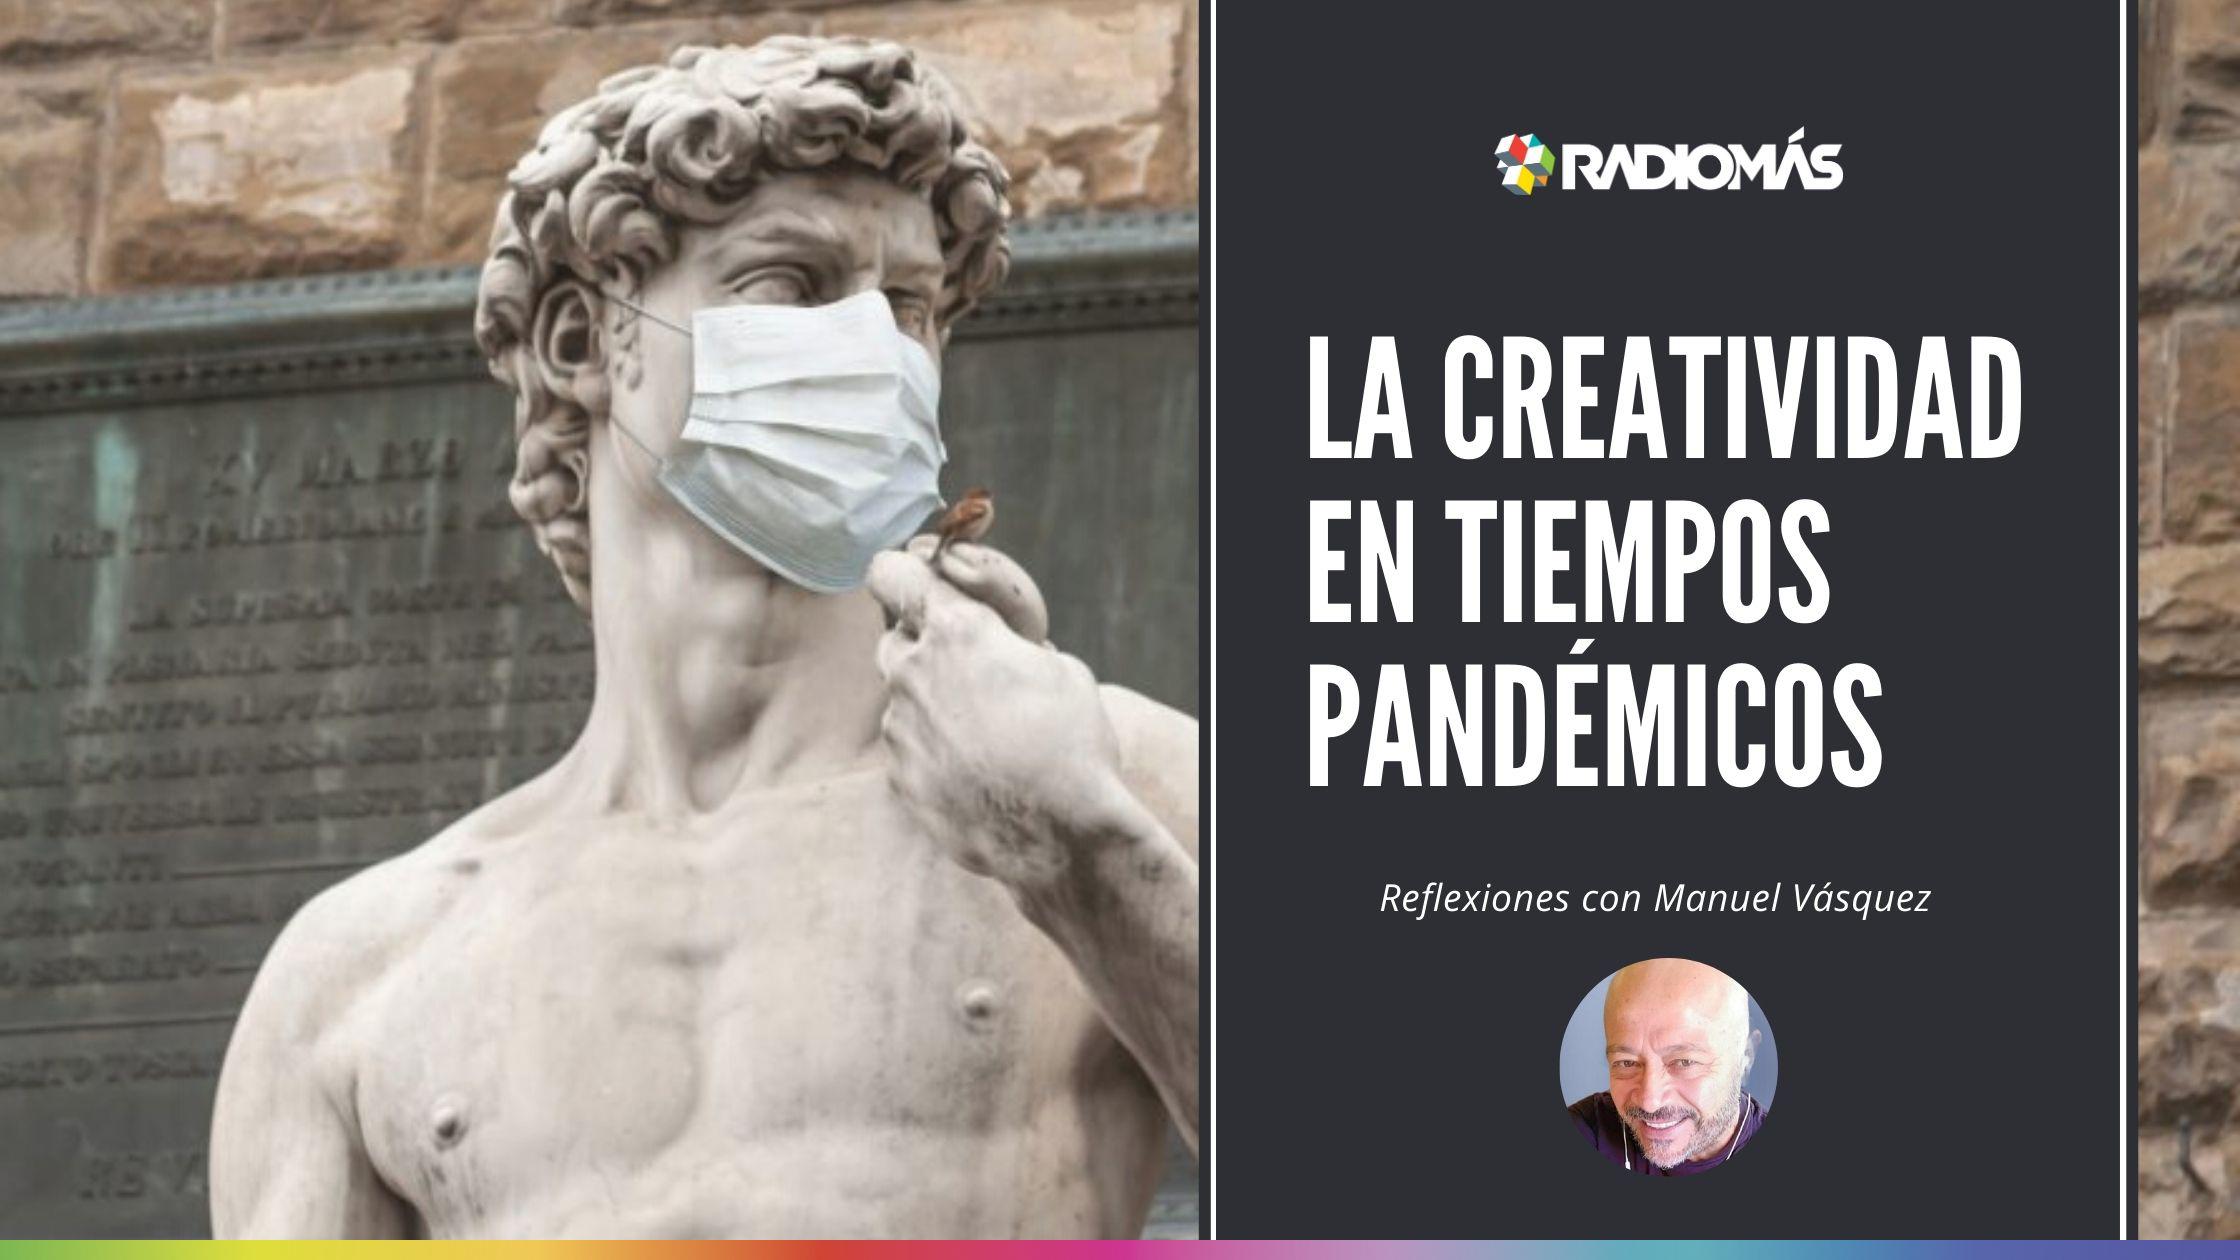 Estéticas en la pandemia. Reflexiones sobre la creatividad y la vida artística.